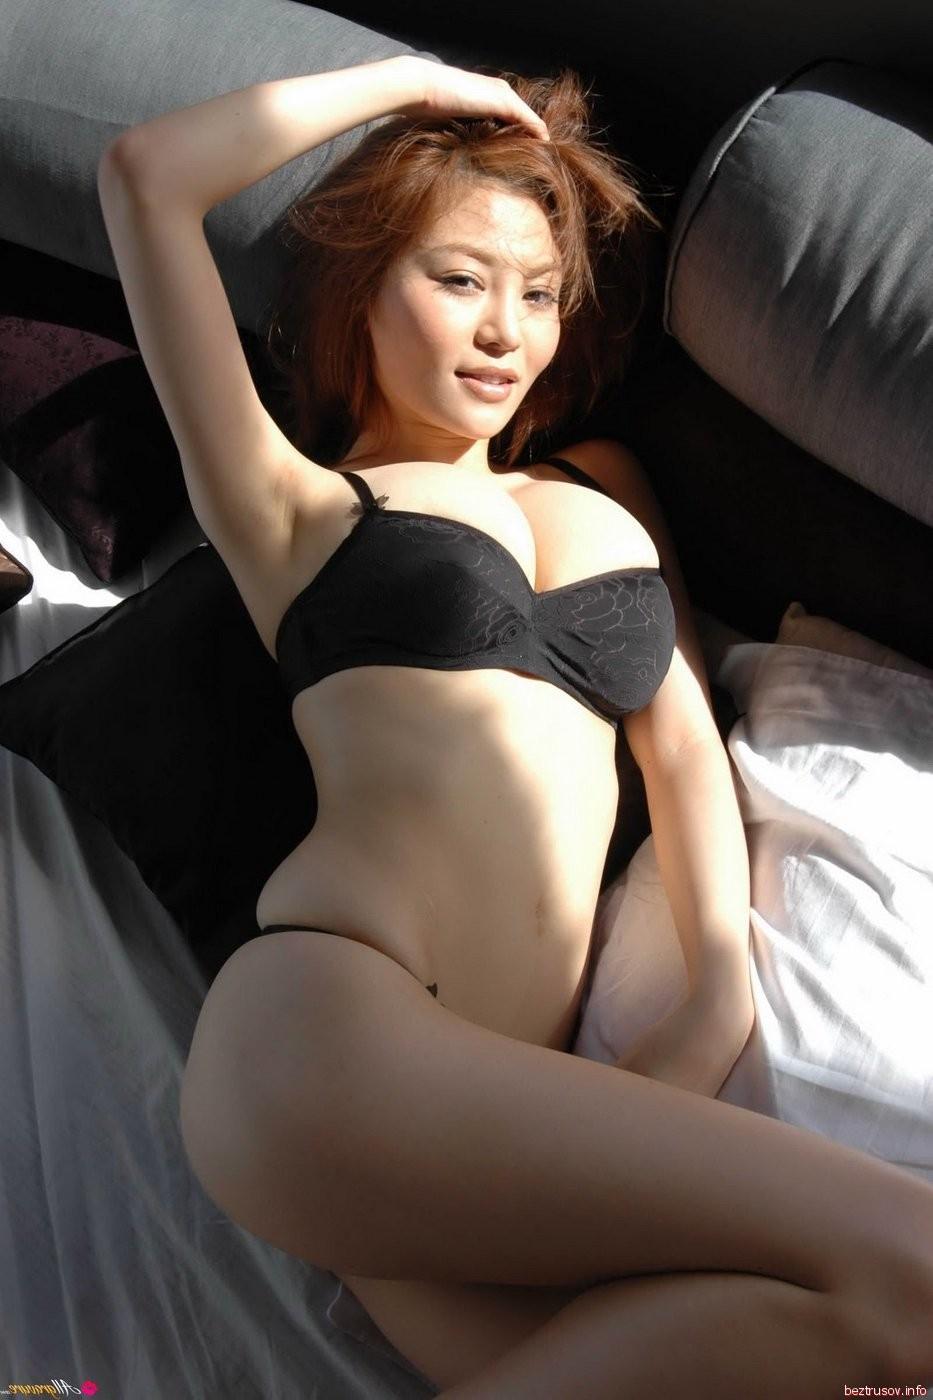 nude amateur ebony – Amateur